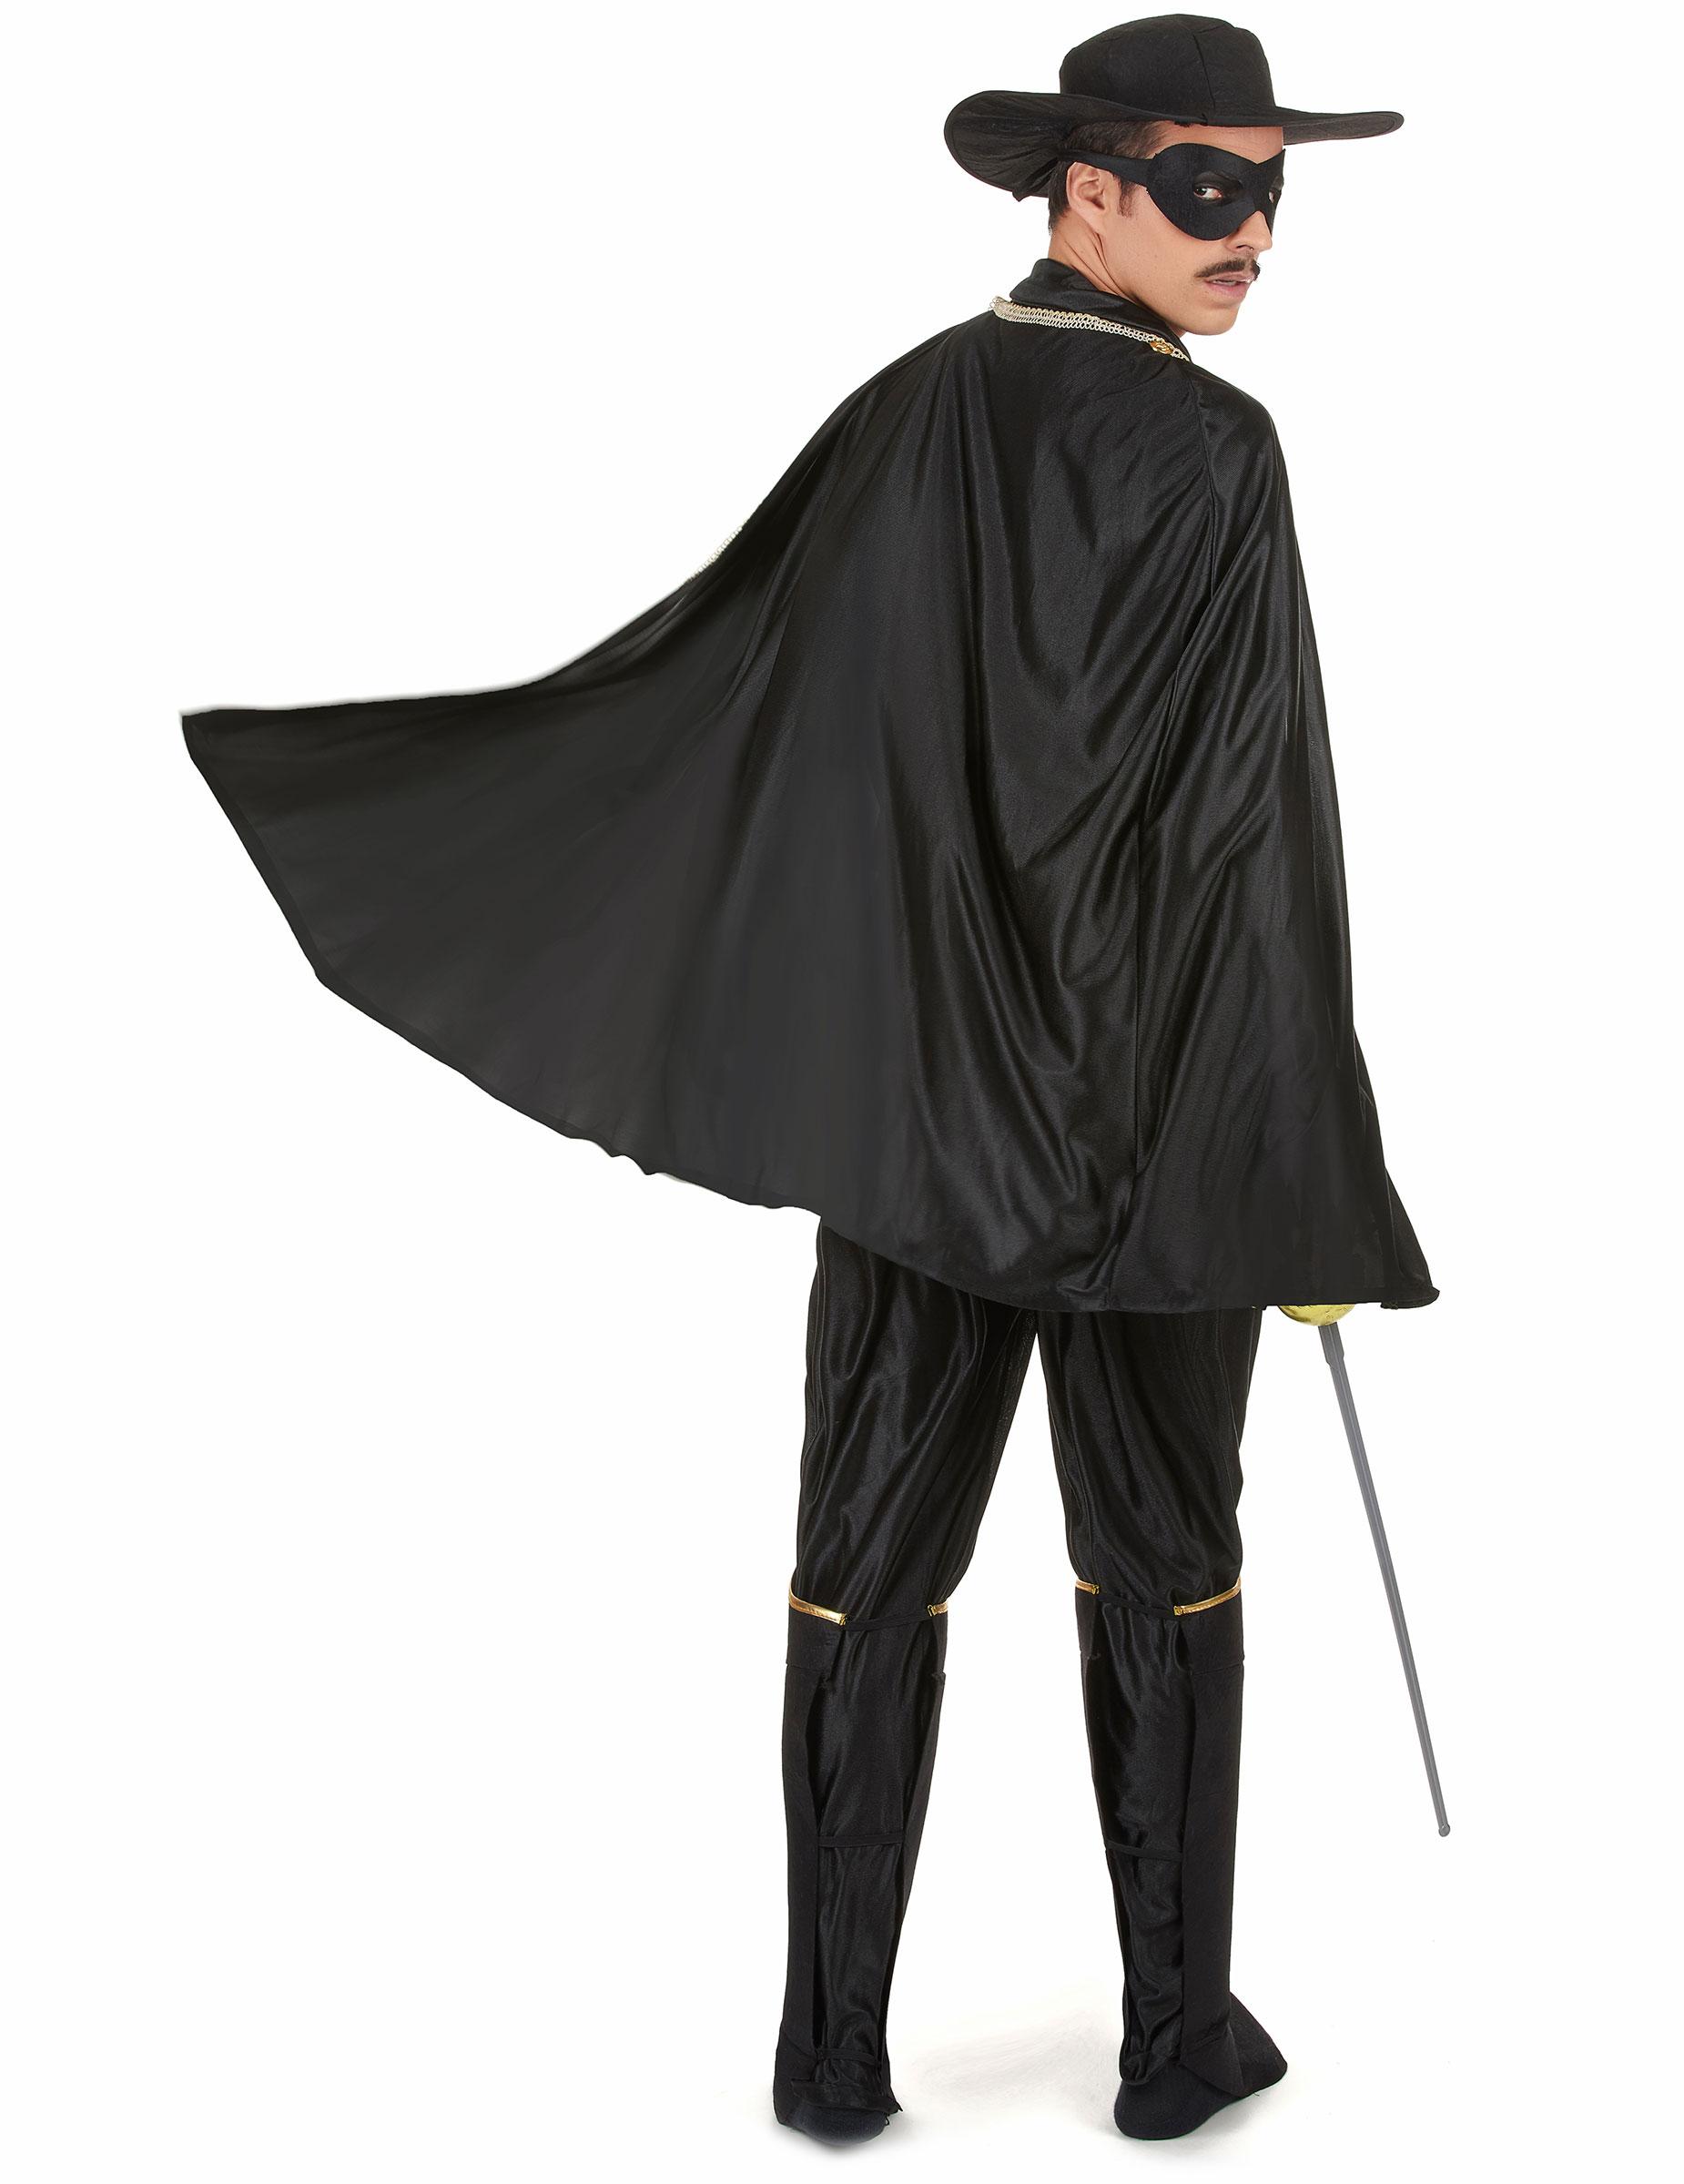 Zorro na despedida e solteiras - 3 9